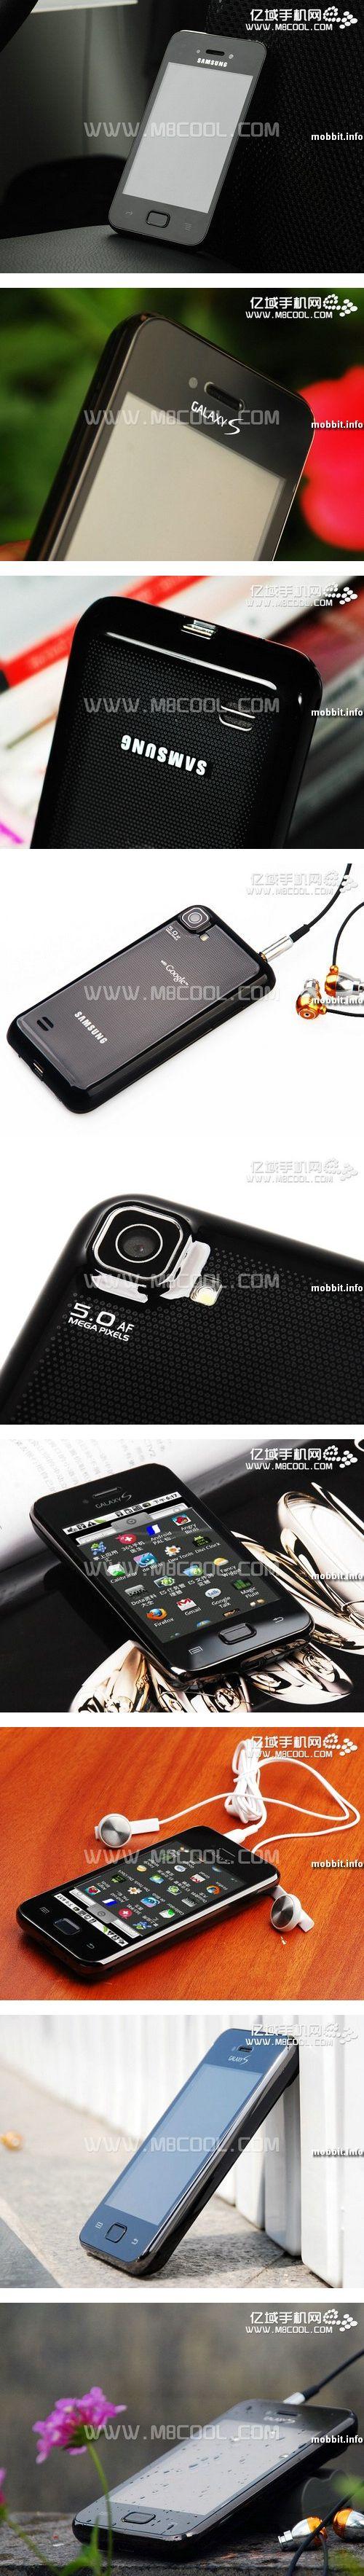 Mini Galaxy S i9000